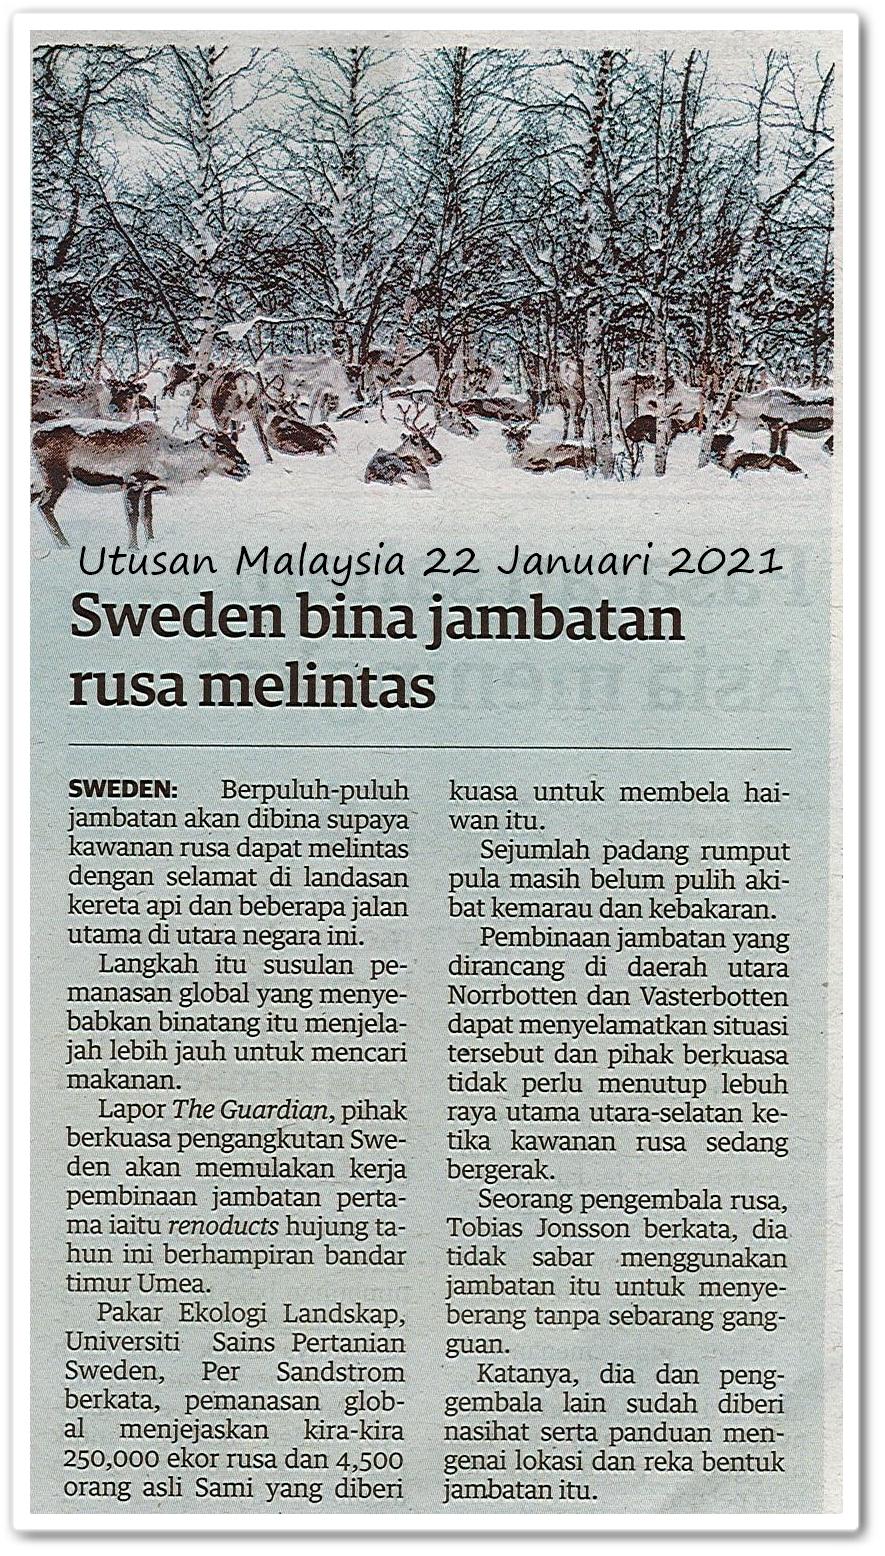 Sweden bina jambatan rusa melintas - Keratan akhbar Utusan Malaysia 22 Januari 2021